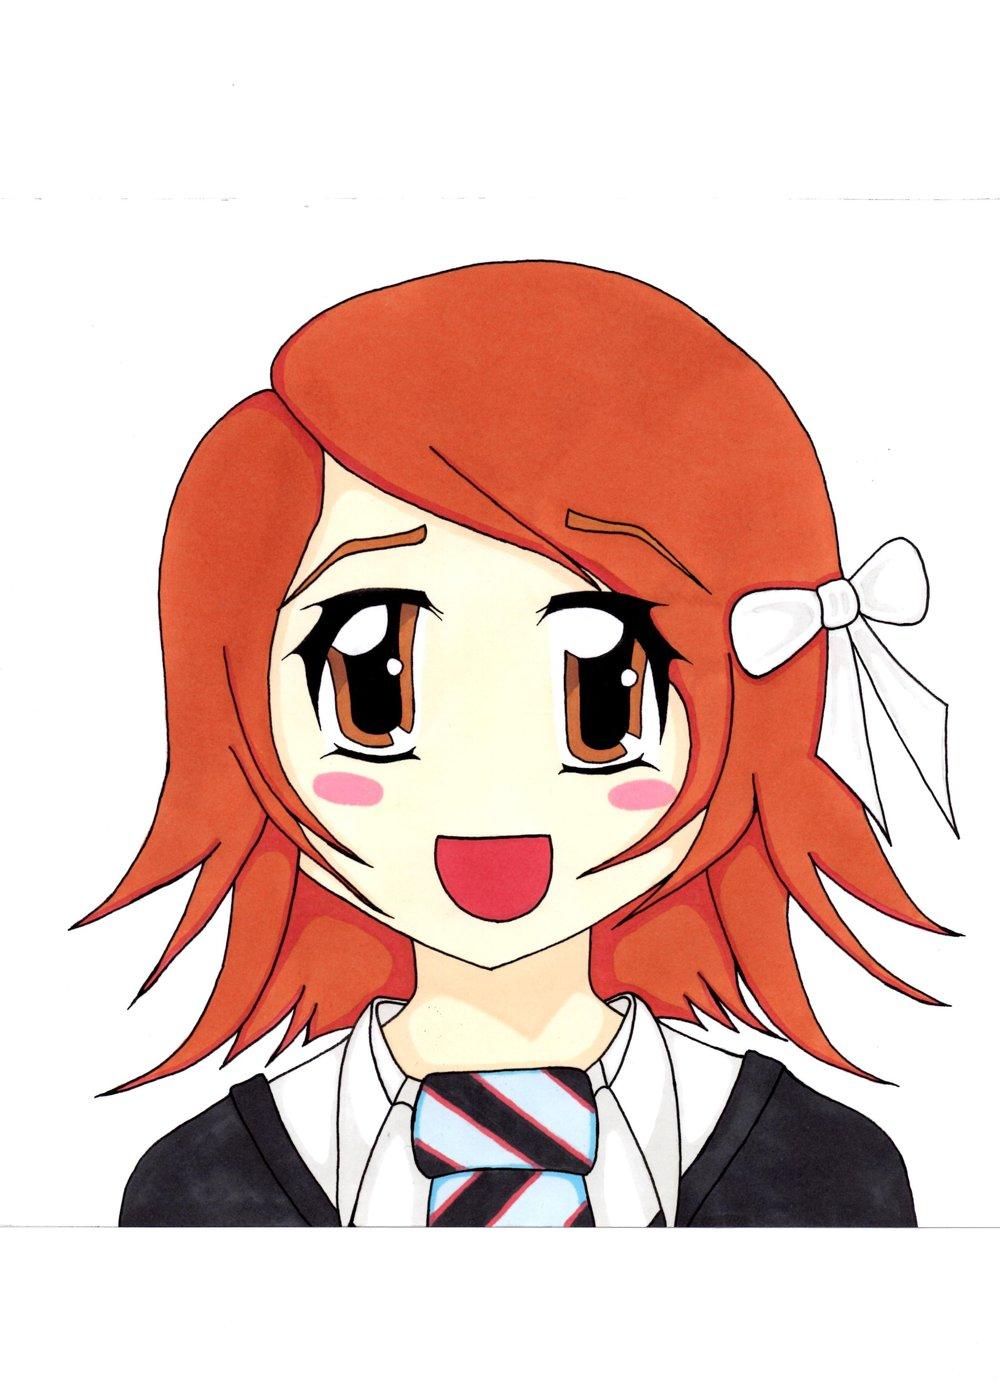 Ghibli style Self Portrait (2012)